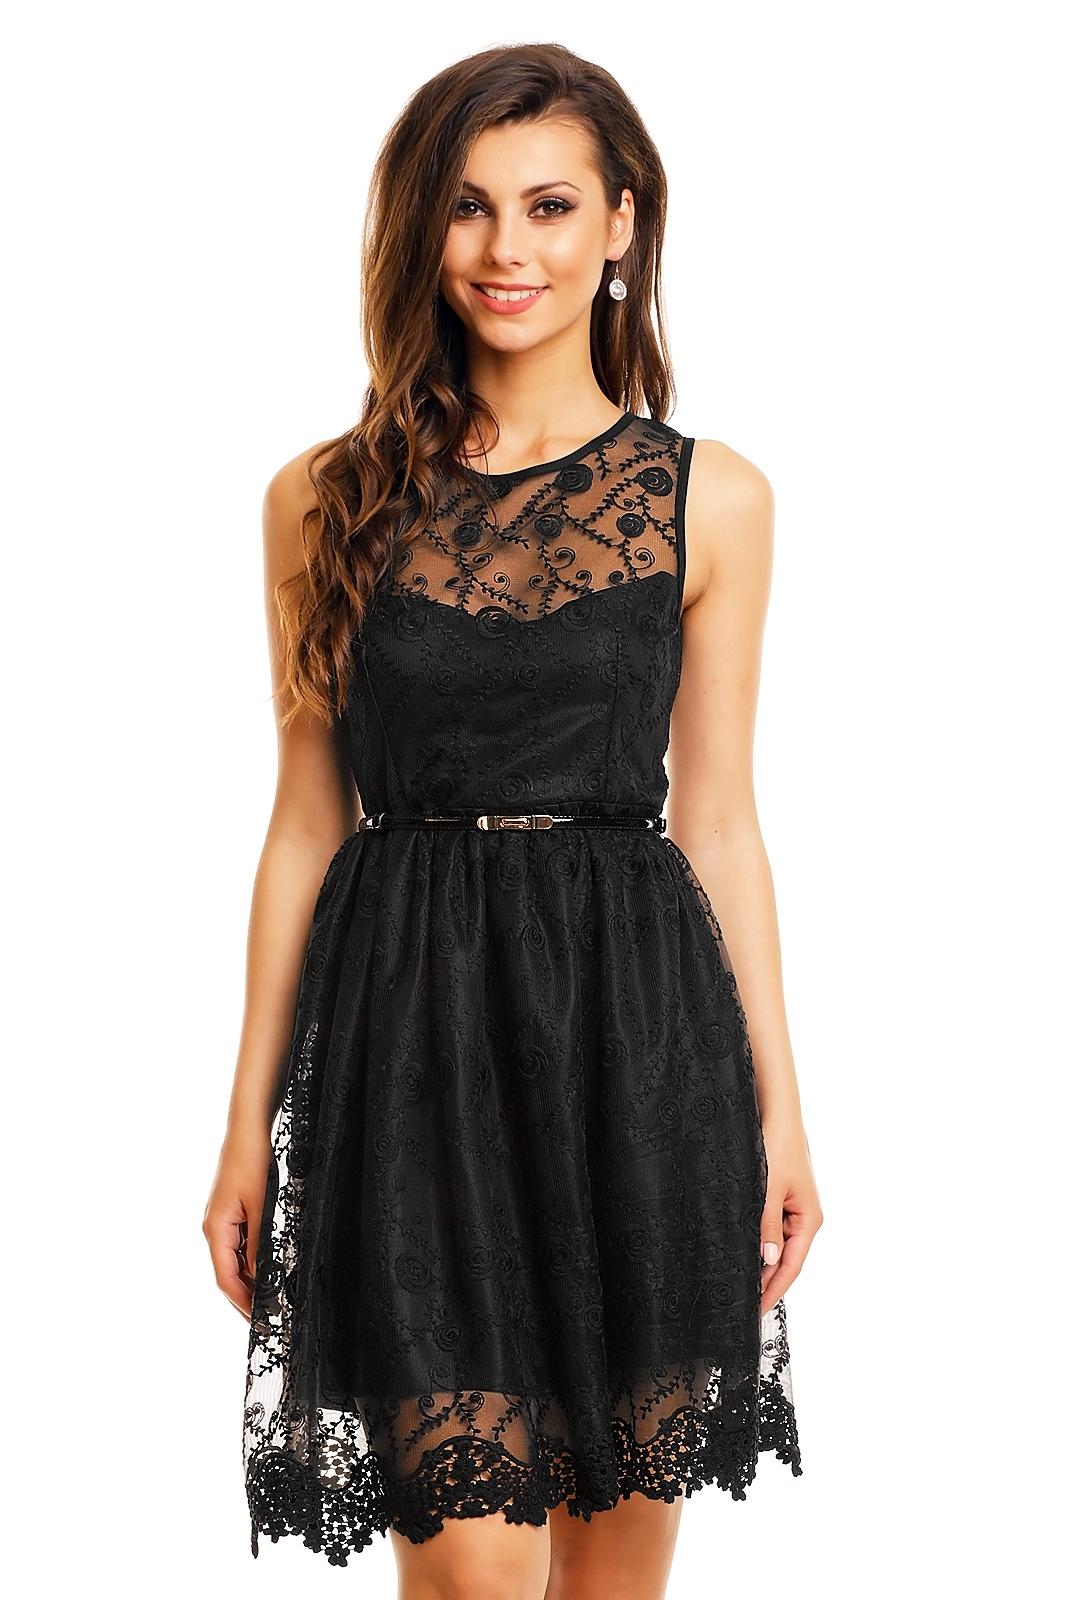 Společenské šaty MAYAADI krajkové s páskem středně dlouhé černé ... bee4659c04